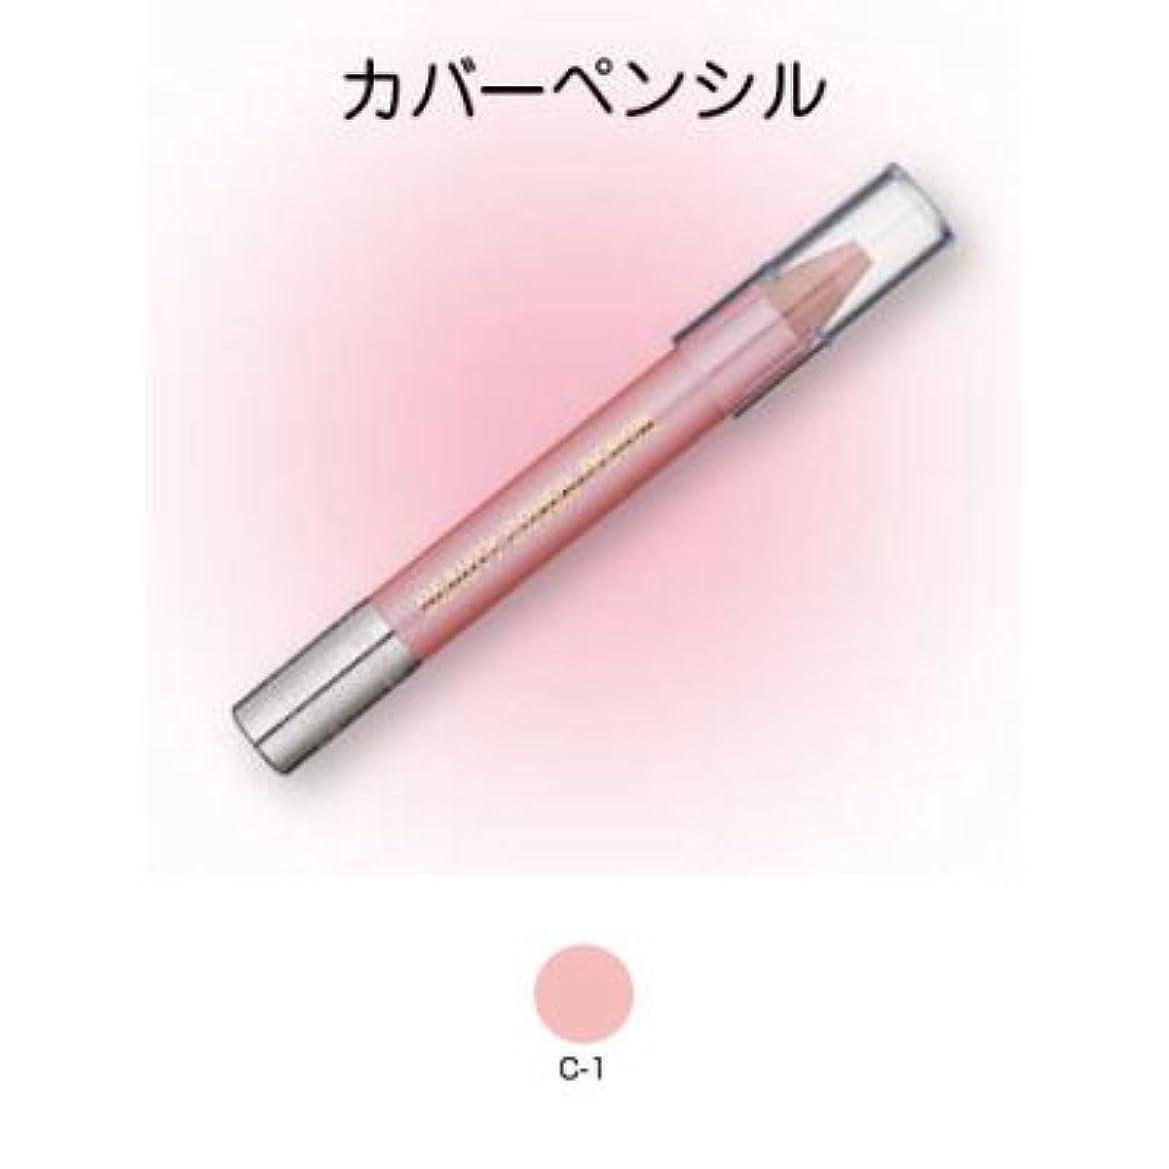 コジオスコ打撃ピッチビューティーカバーペンシル C-1【三善】